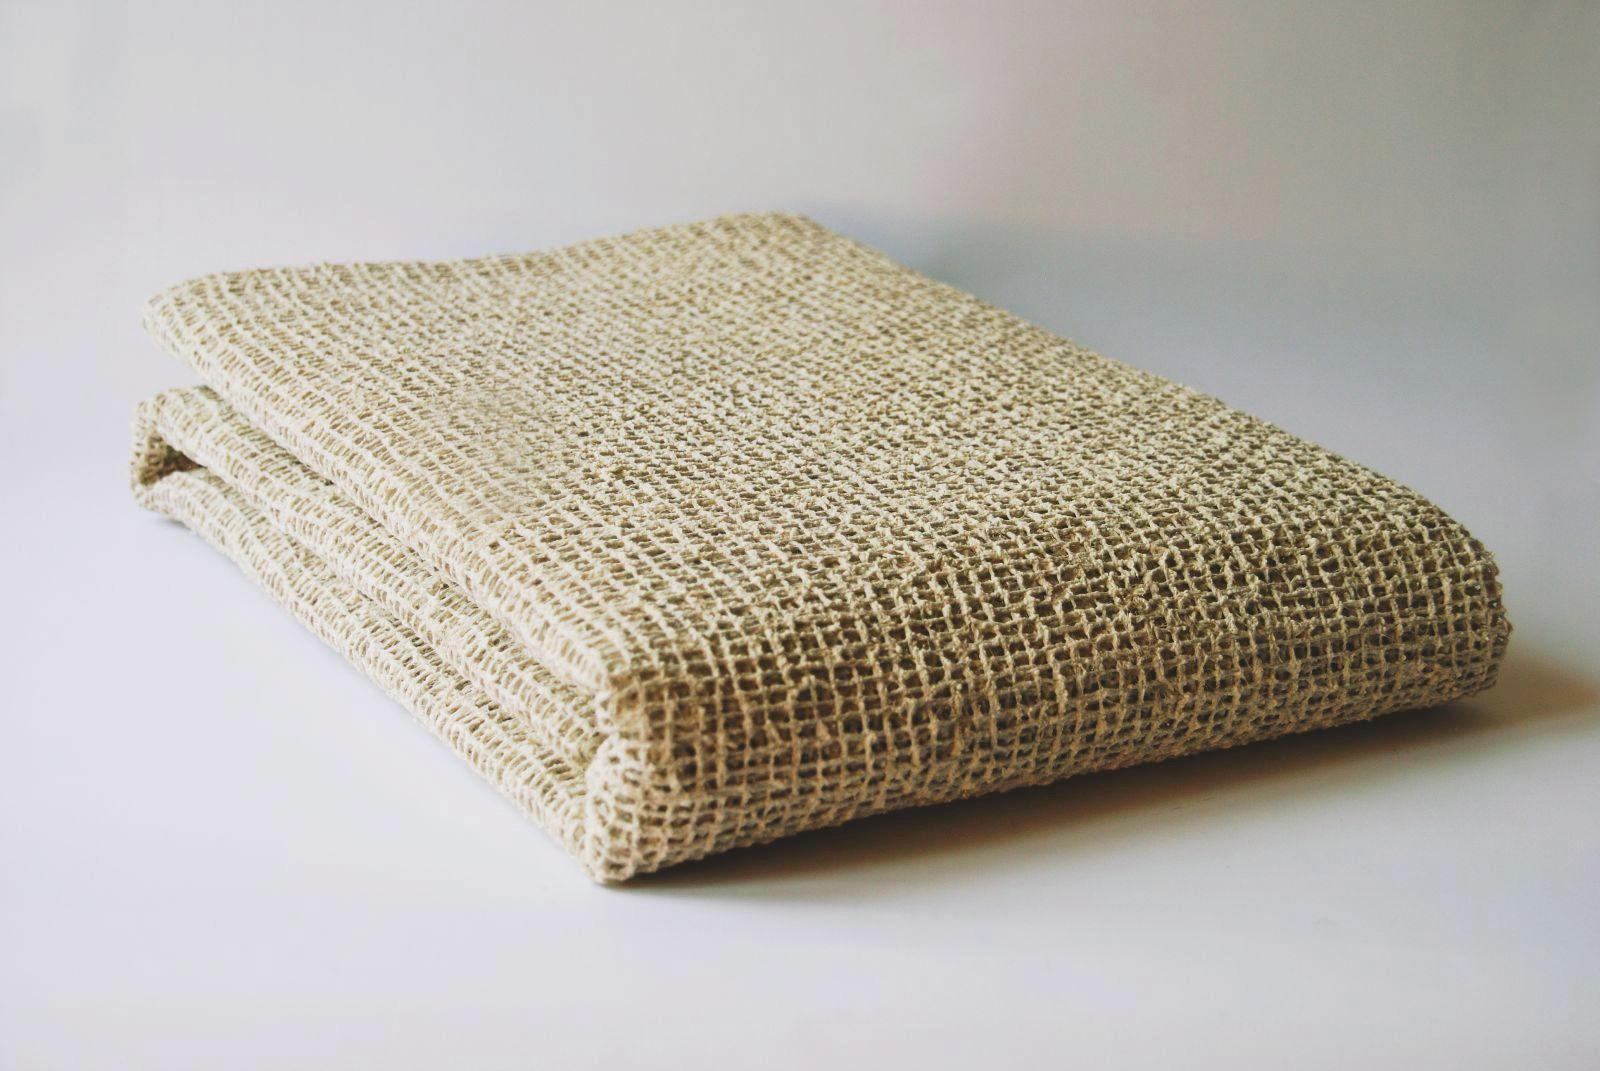 UNTERLAGSMATTE 120/60/0,5 cm - Beige, Textil (120/60/0,5cm) - HOMEWARE